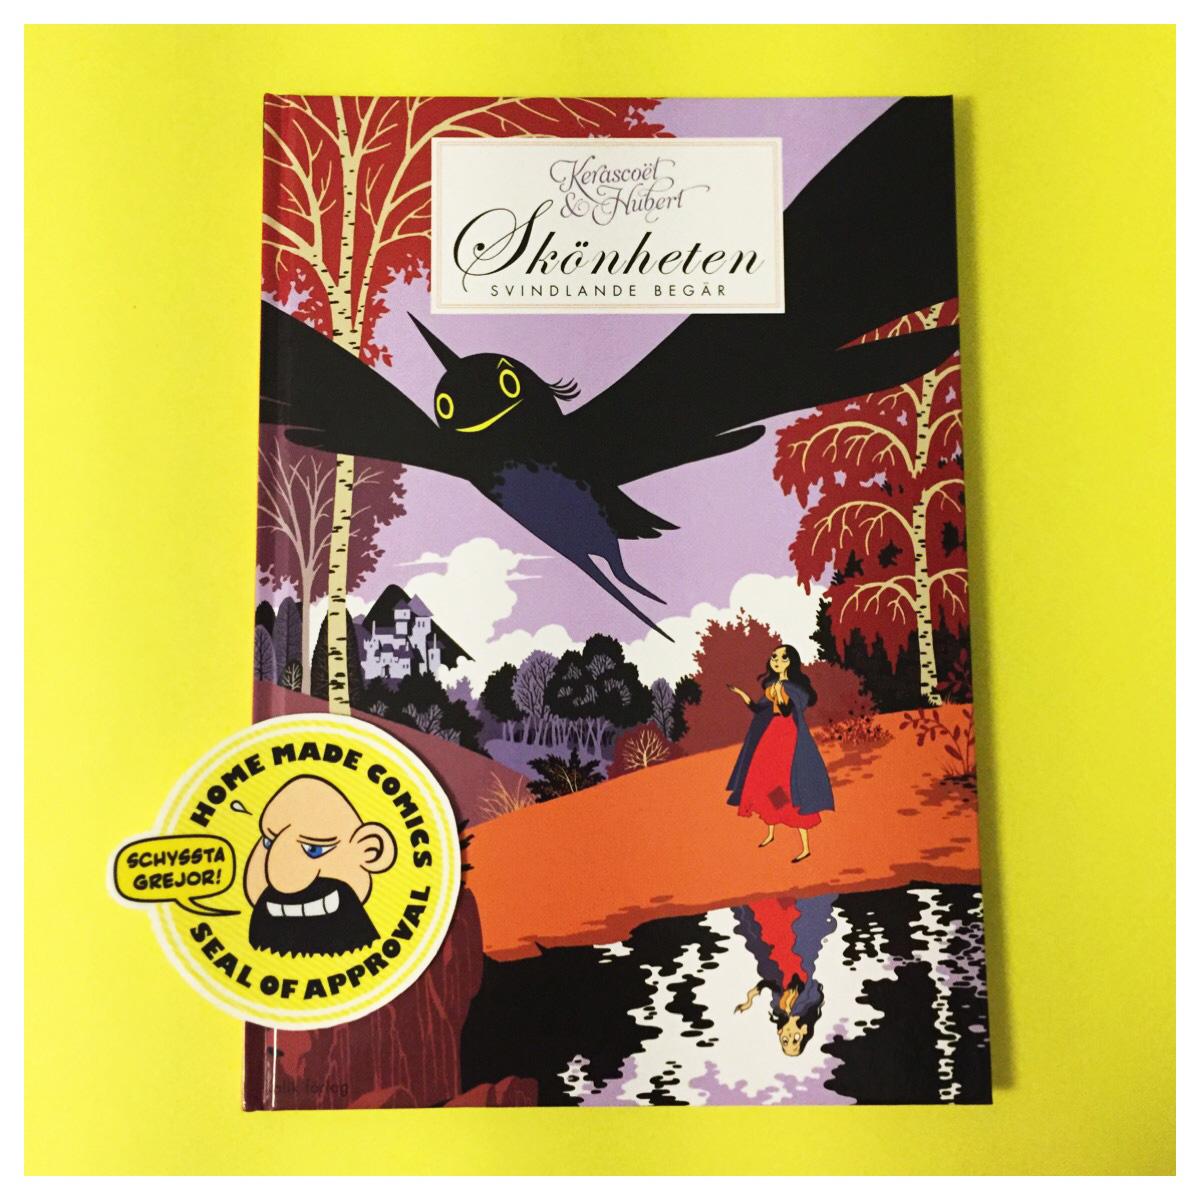 Home Made Comics Seal of Approval #173. Skönheten Svindlande begär av Hubert och Kerascoët utgiven av Kolik 2012.